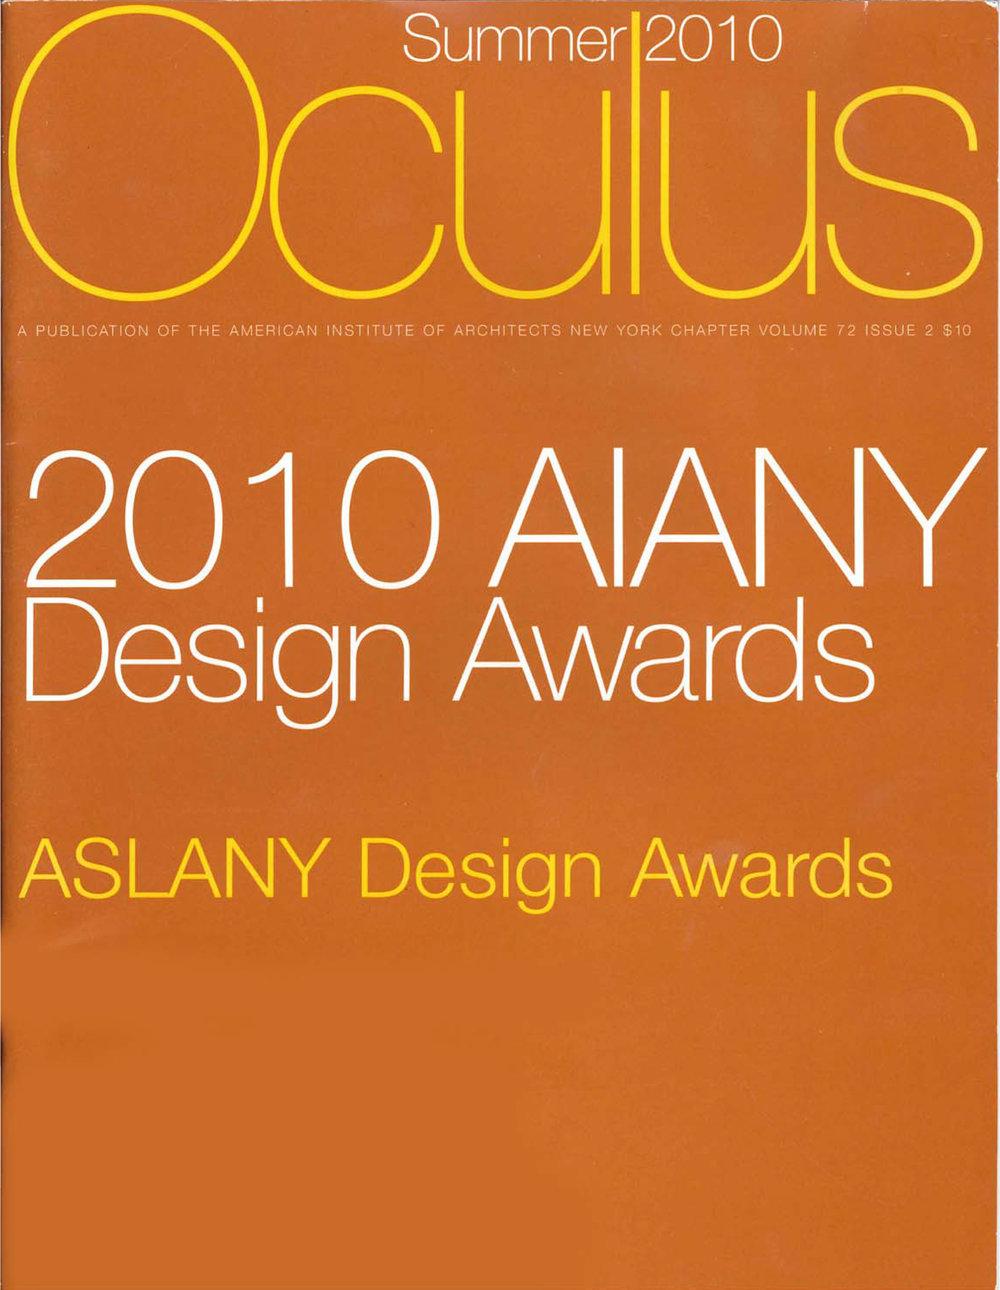 2010summer-oculus-awards-1.jpg